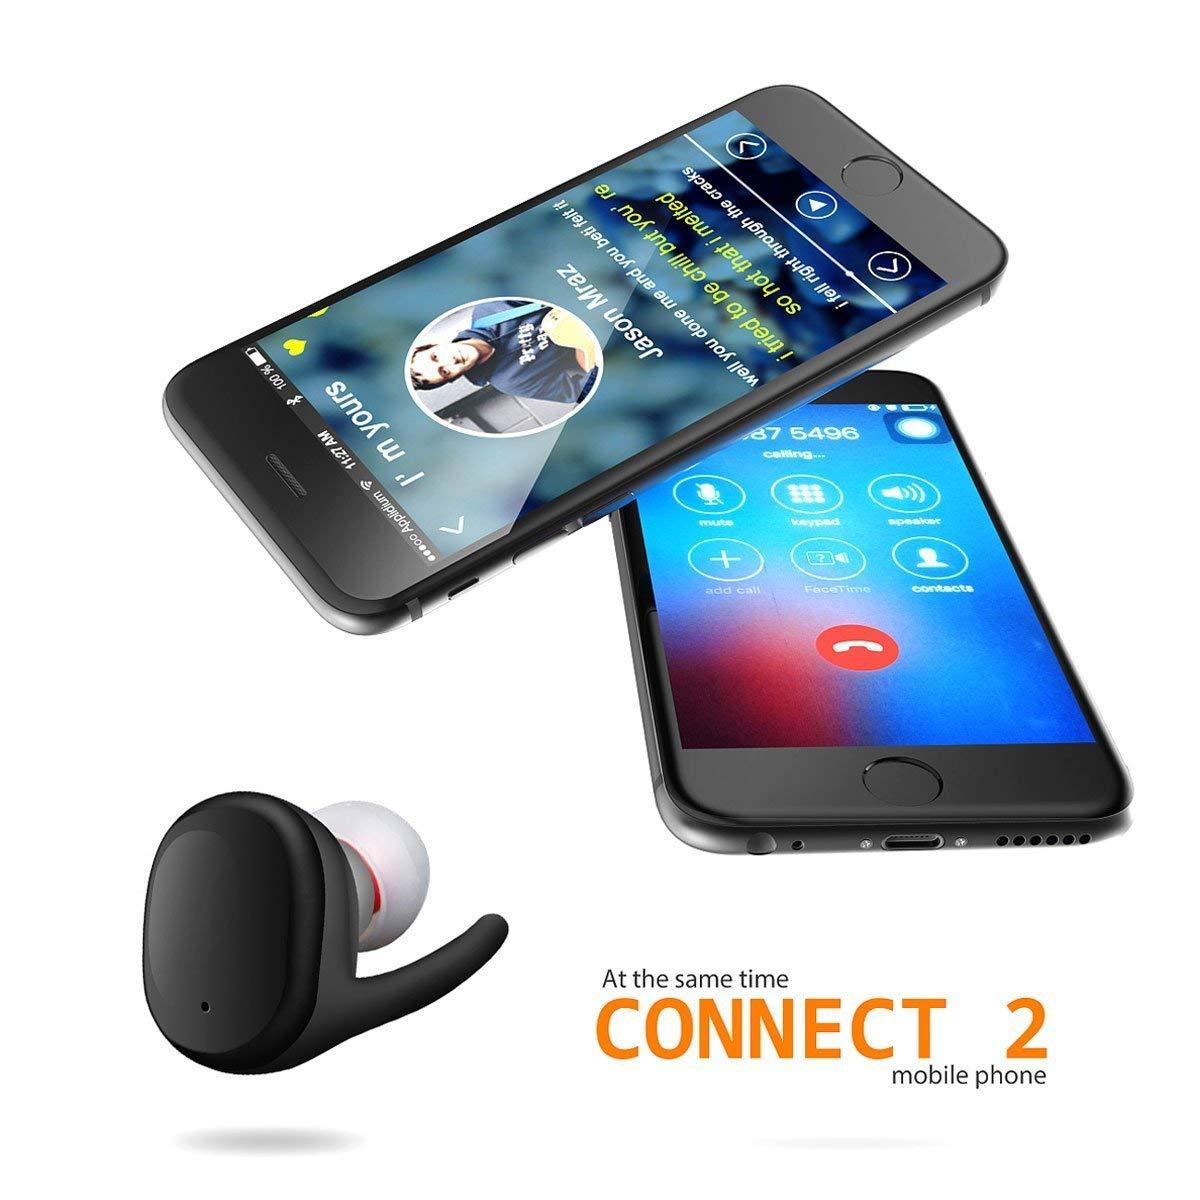 新款蓝牙运动耳机touch two双耳分离触摸式防水耳机无线蓝牙耳机